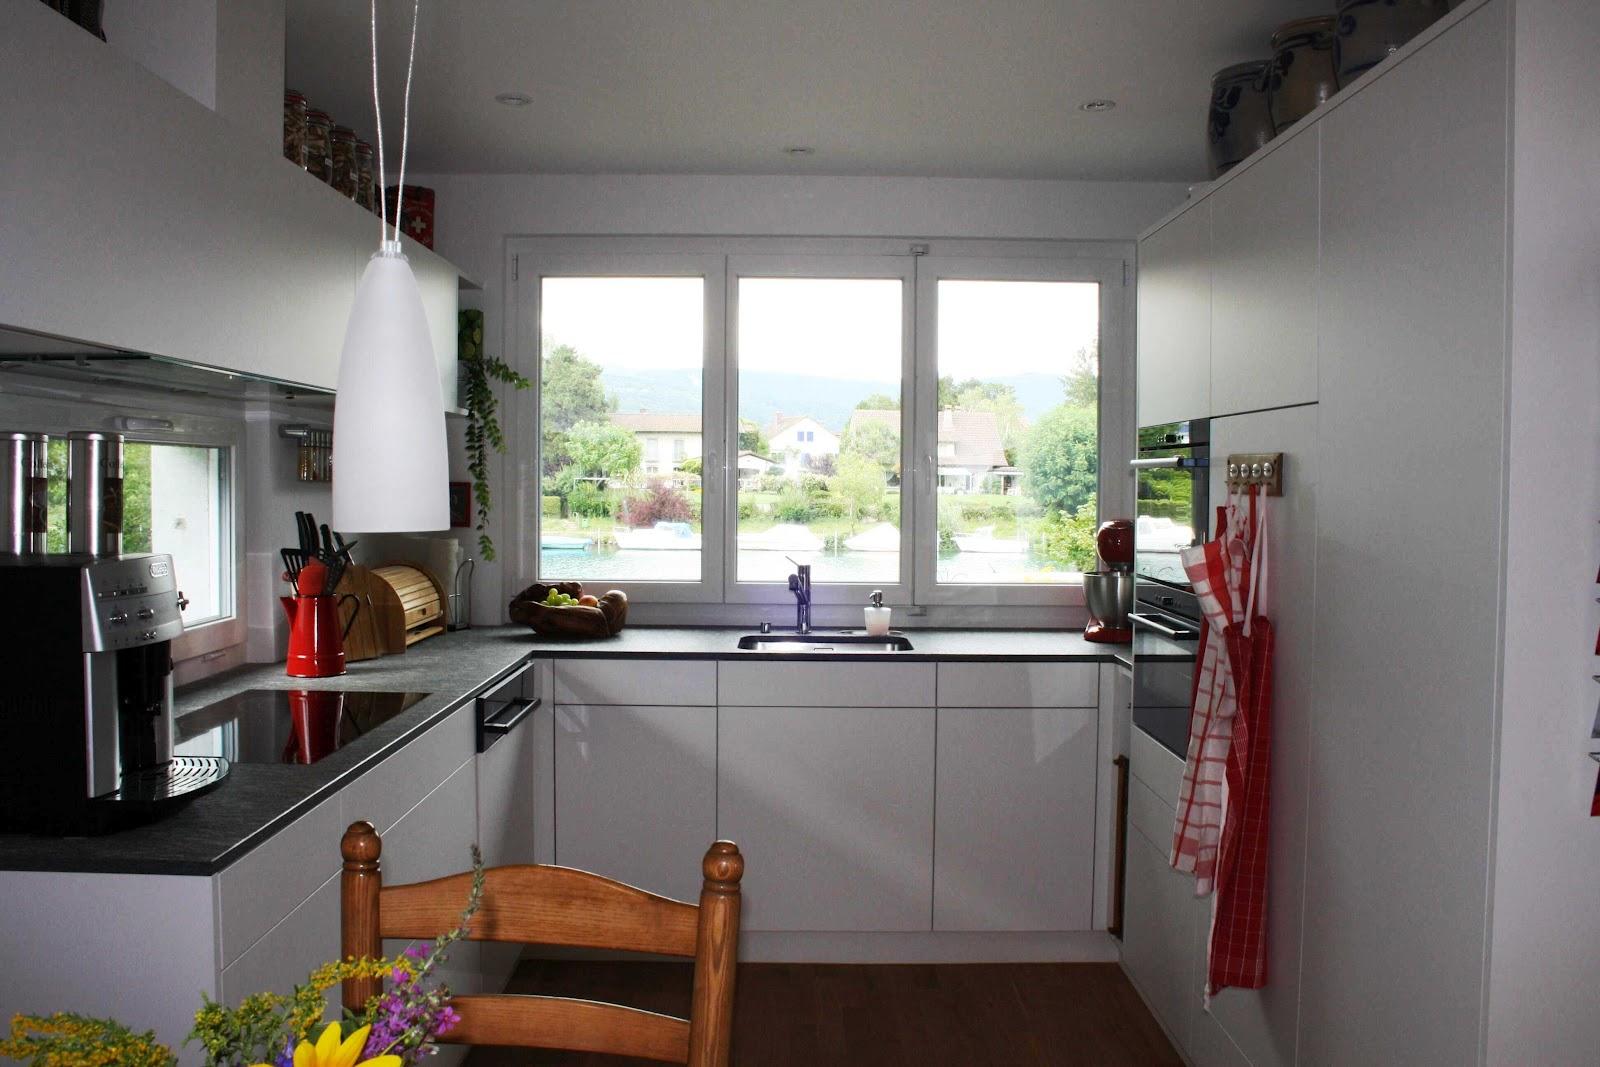 Küchenblog Weisse Küche mit roter Dekoration